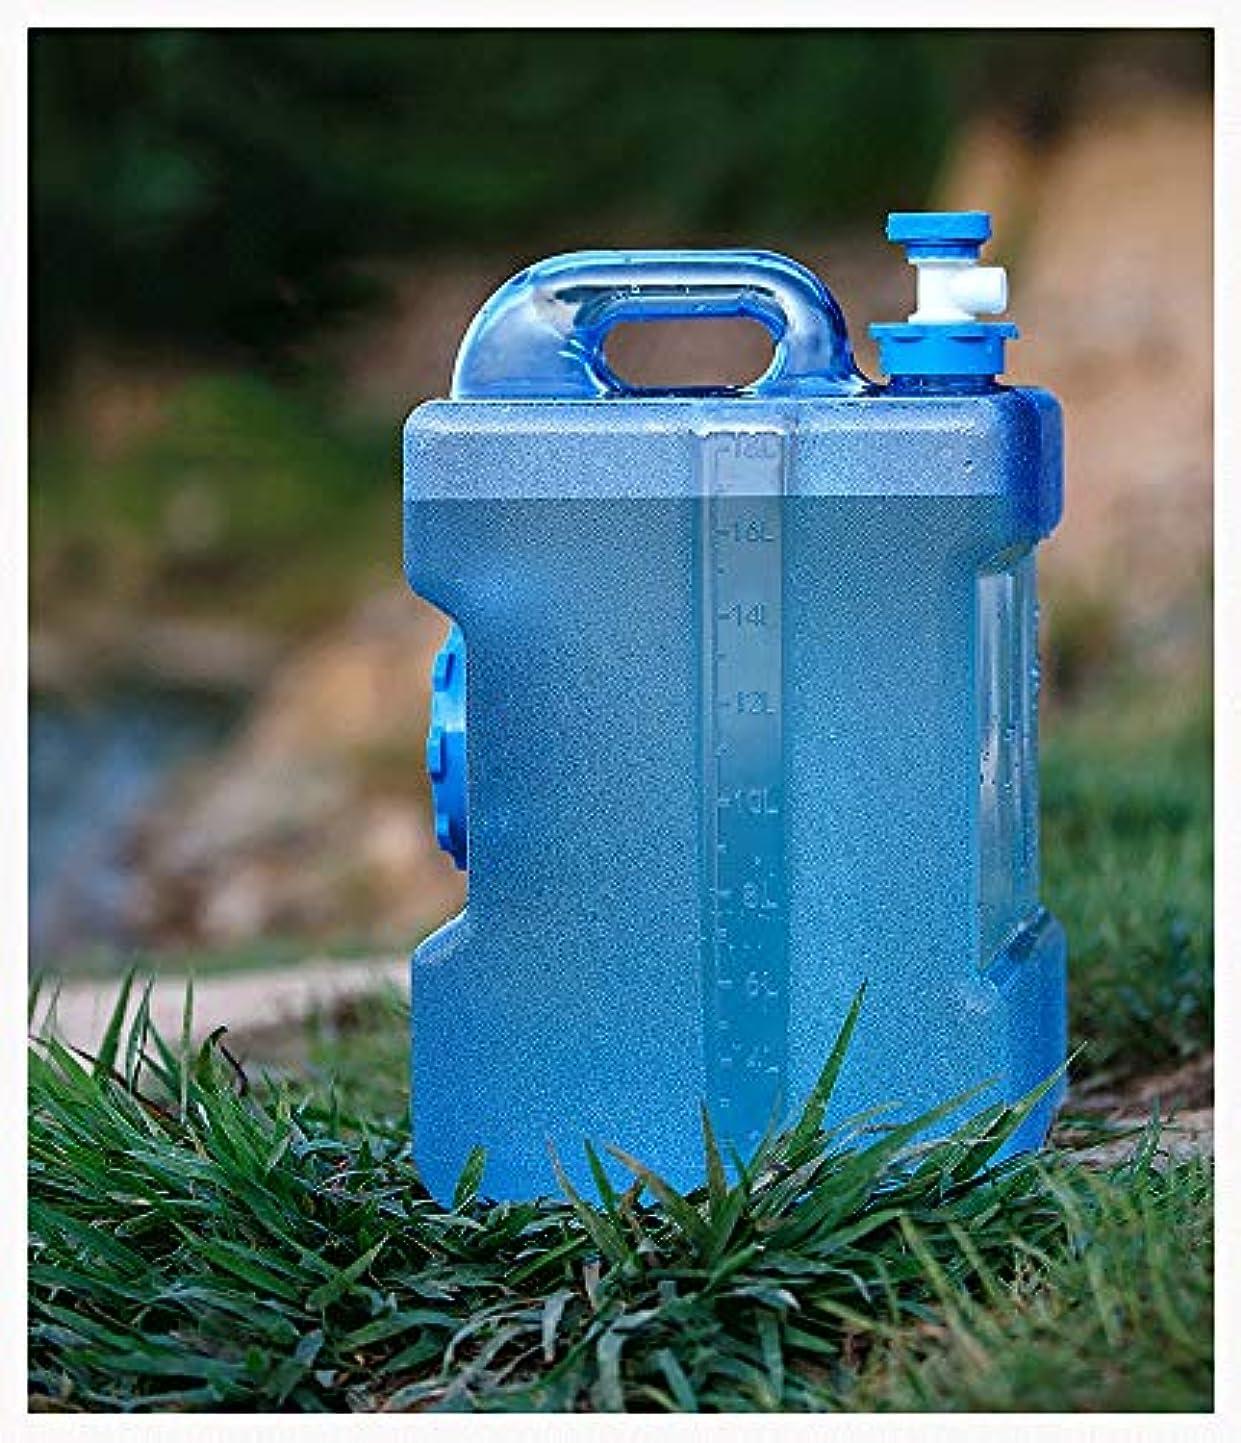 ライラックなだめる電球飲料水用容器、水道水栓のバケツ、PEプラスチック、貯水池のキャンプに最適屋外ピクニックカーの遠征、PEプラスチック、12L 19L 24リットル (Size : 12L/3.2Gal)